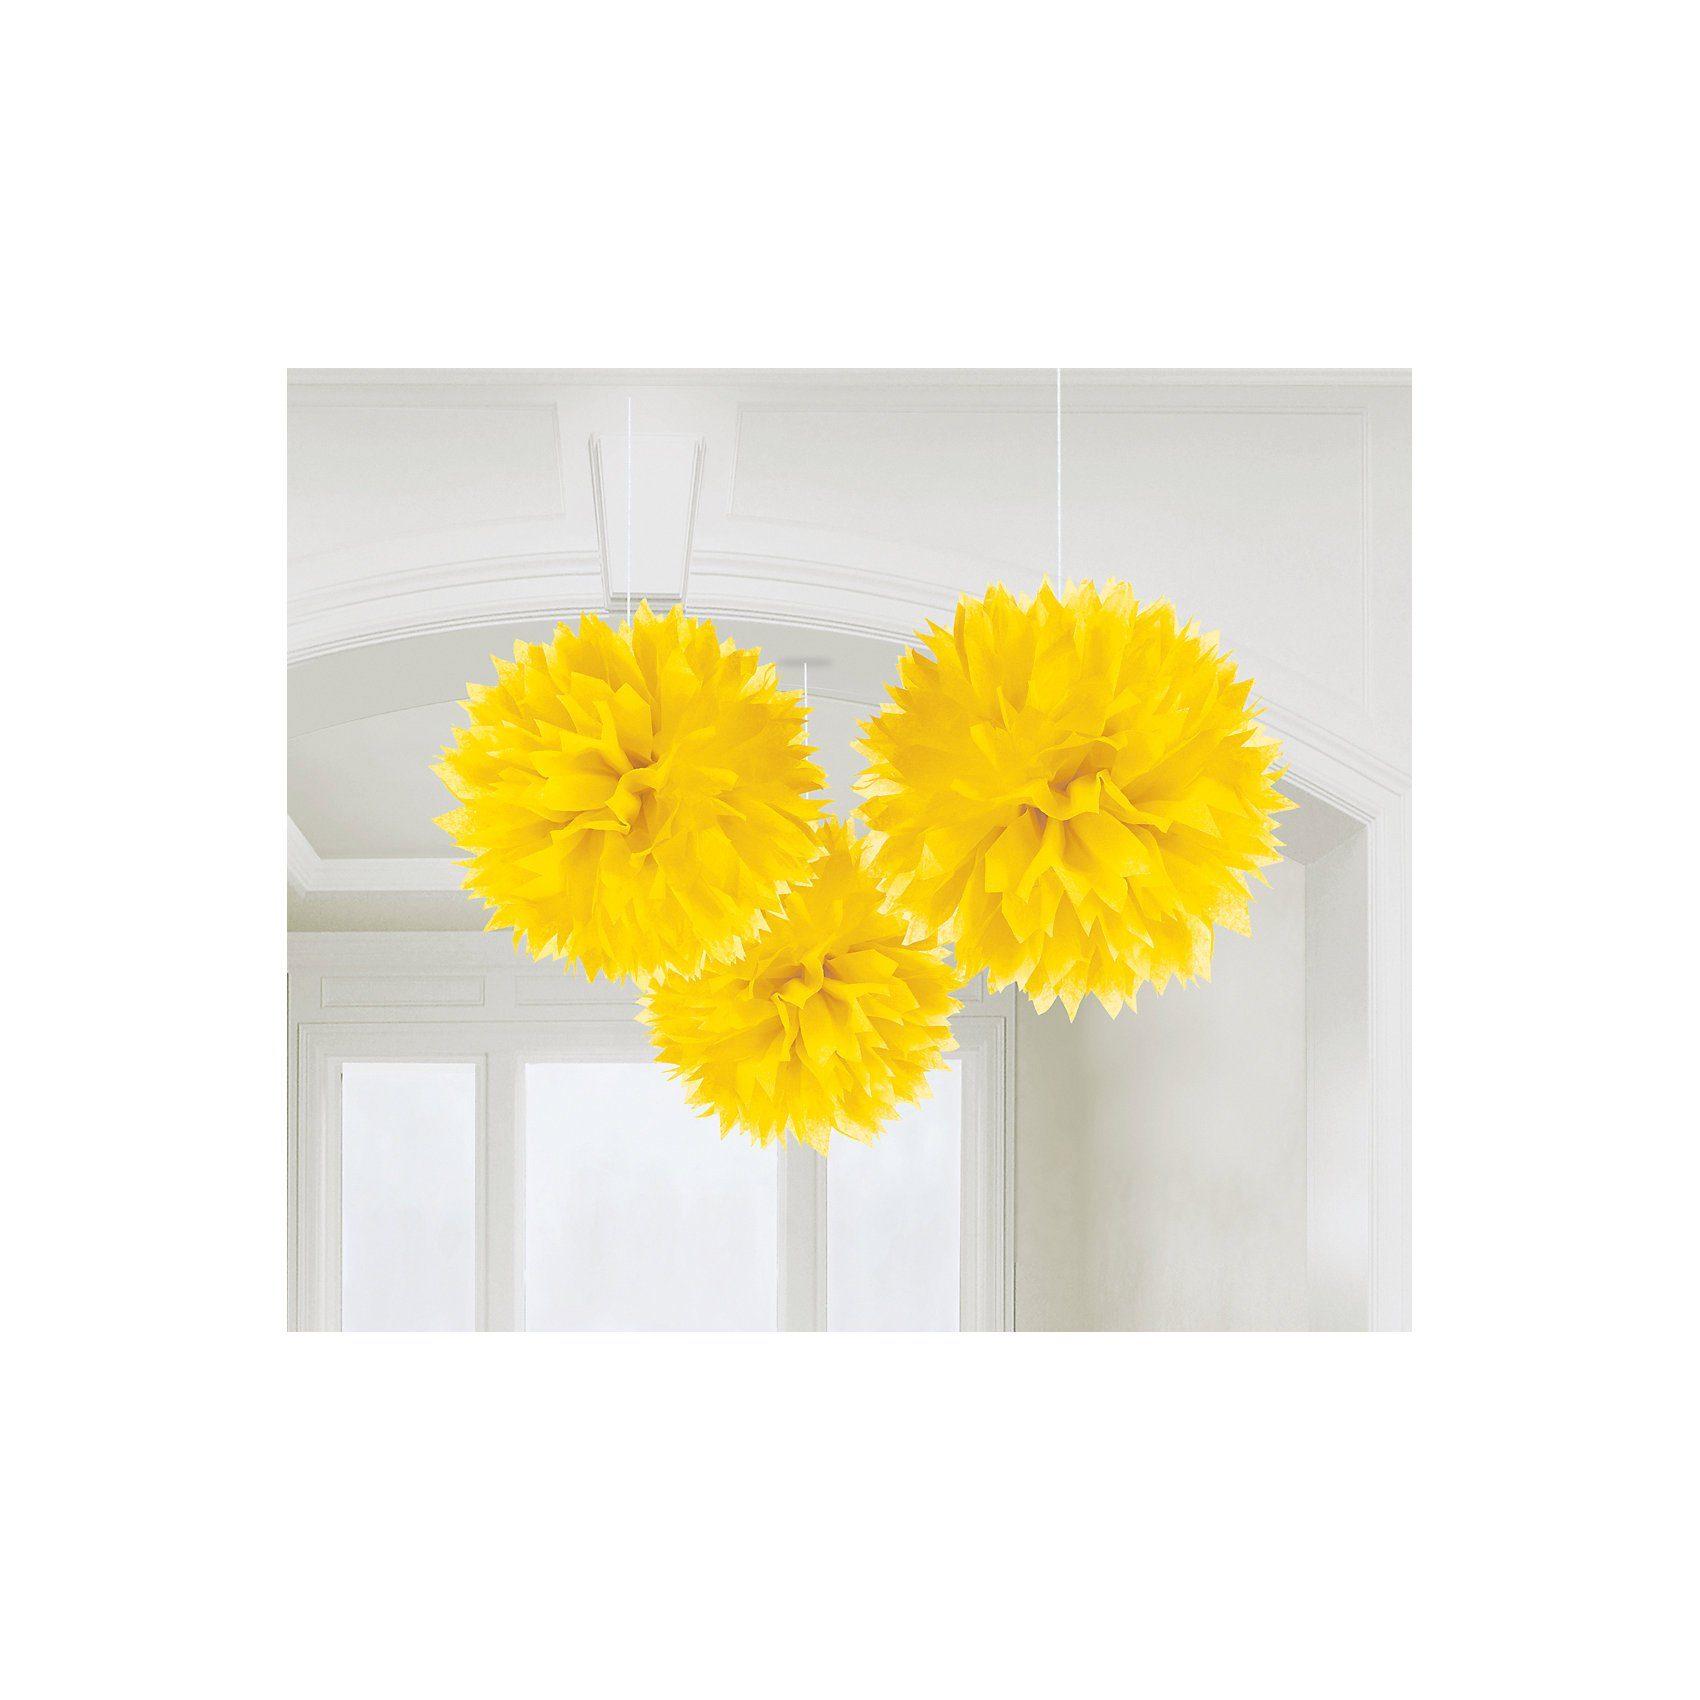 Amscan Pom Pom gelb, 3 Stück